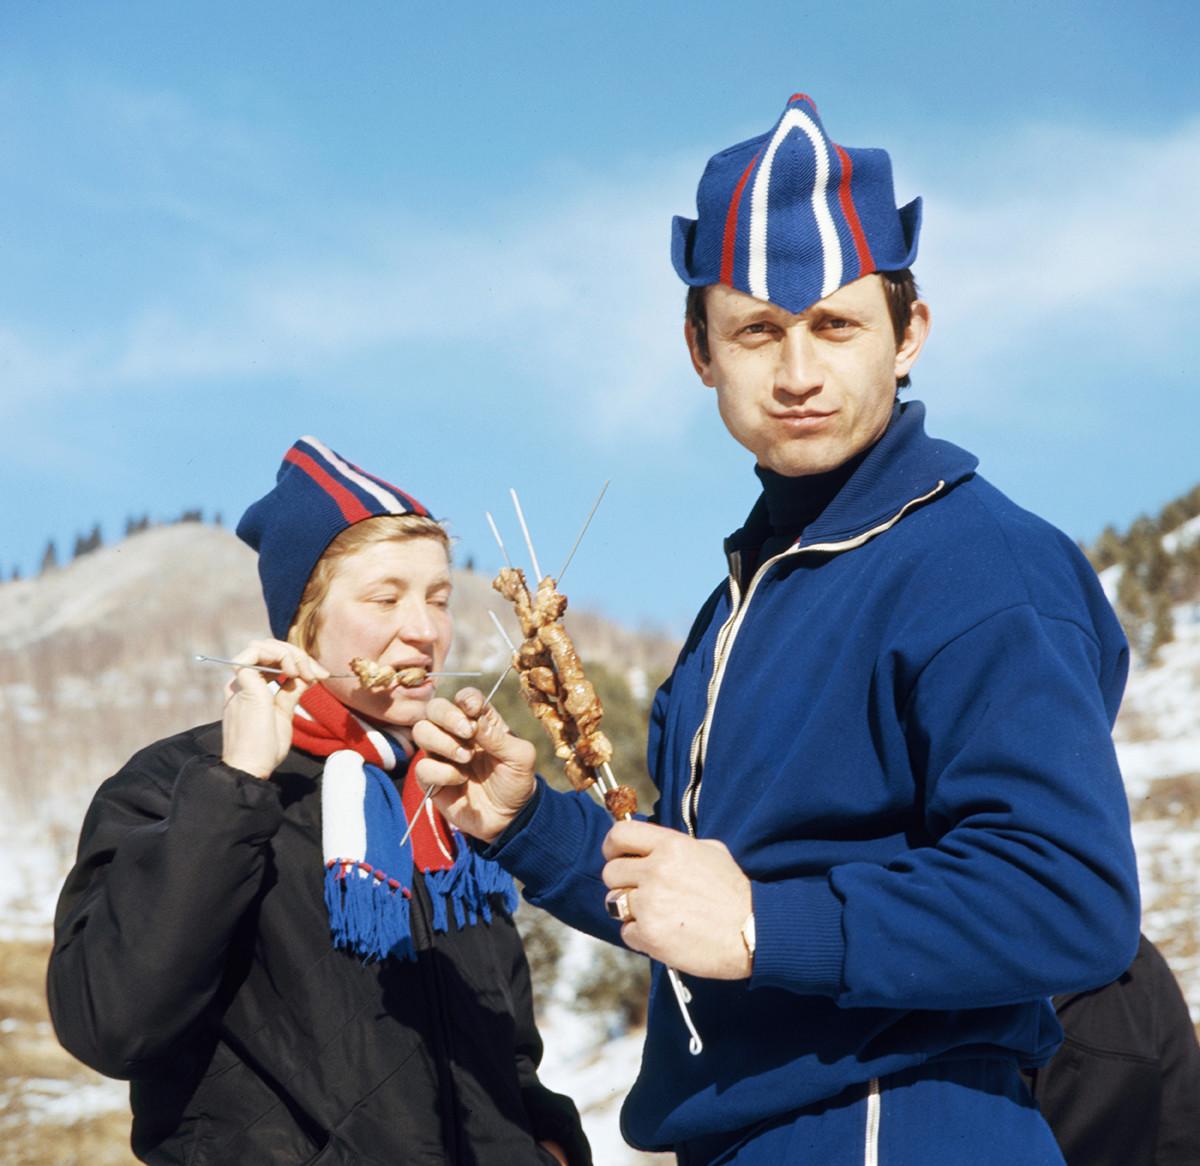 Alma Ata, Repubblica Socialista Sovietica Kazaka. Membri della Nazionale di pattinaggio di velocità dell'URSS, Lyudmila Fechina e Valerij Kaplan, durante un momento di riposo, 1970